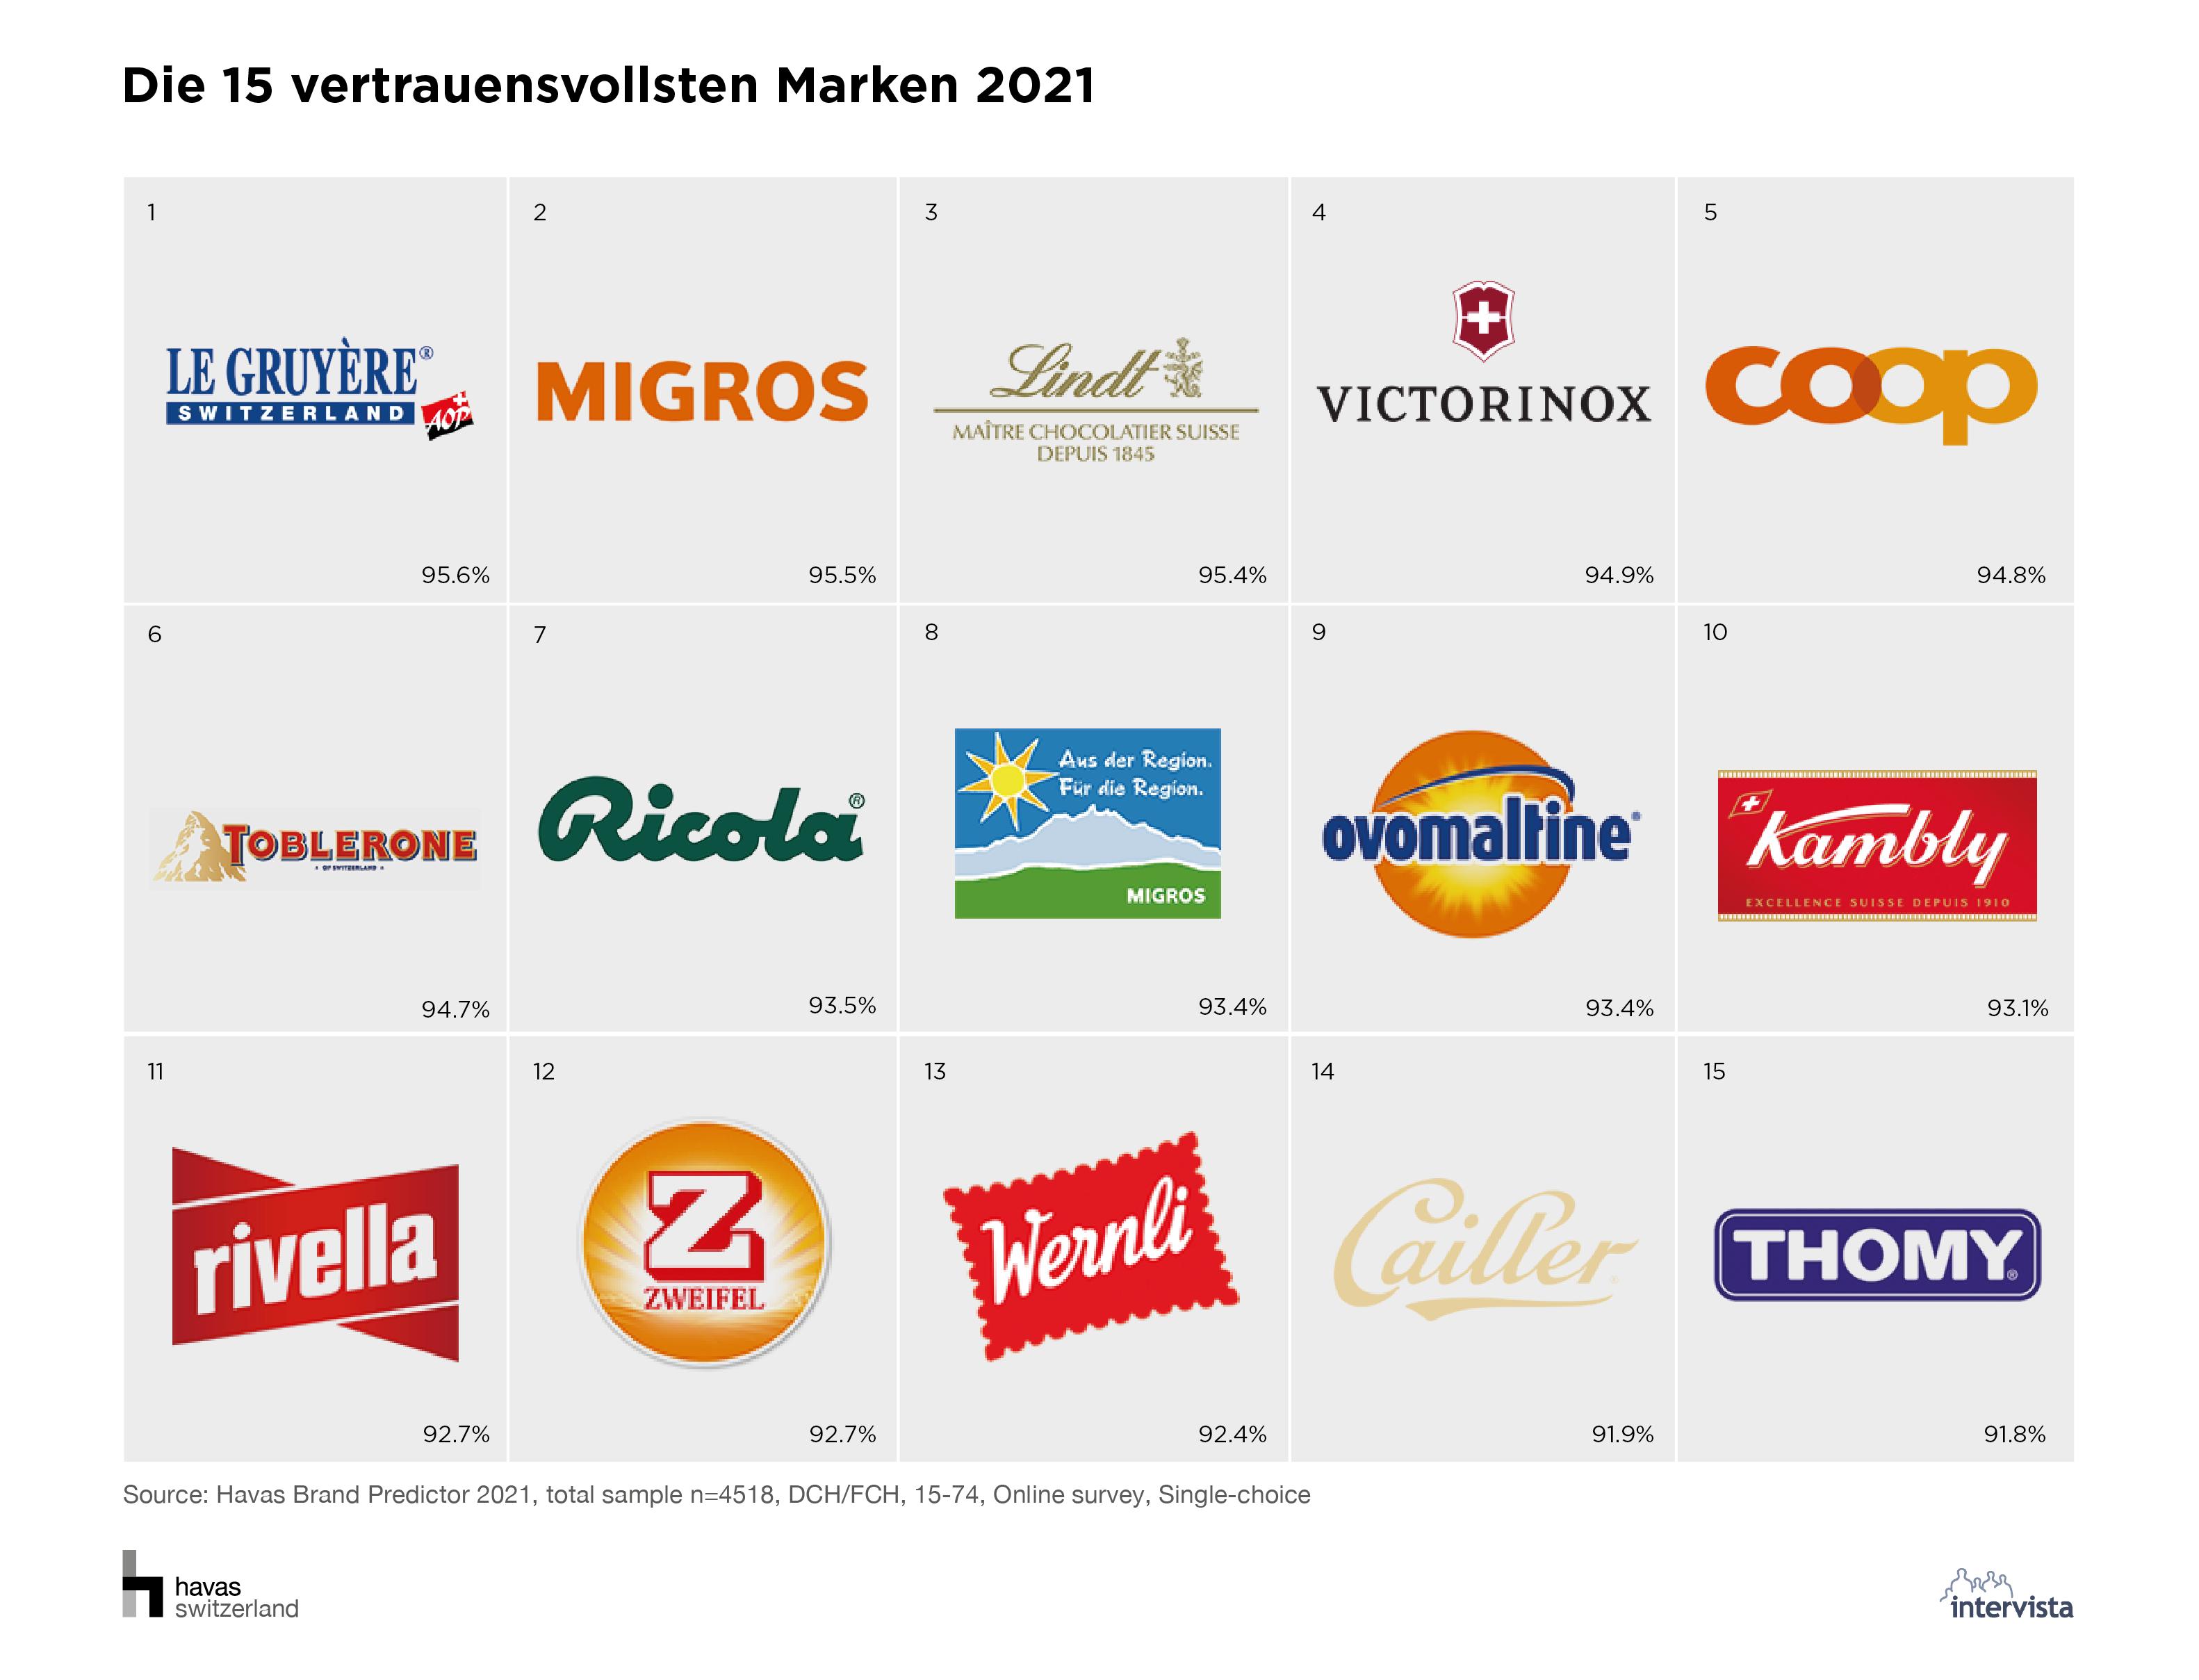 03_Die 15 vertrauensvollsten Marken 2021